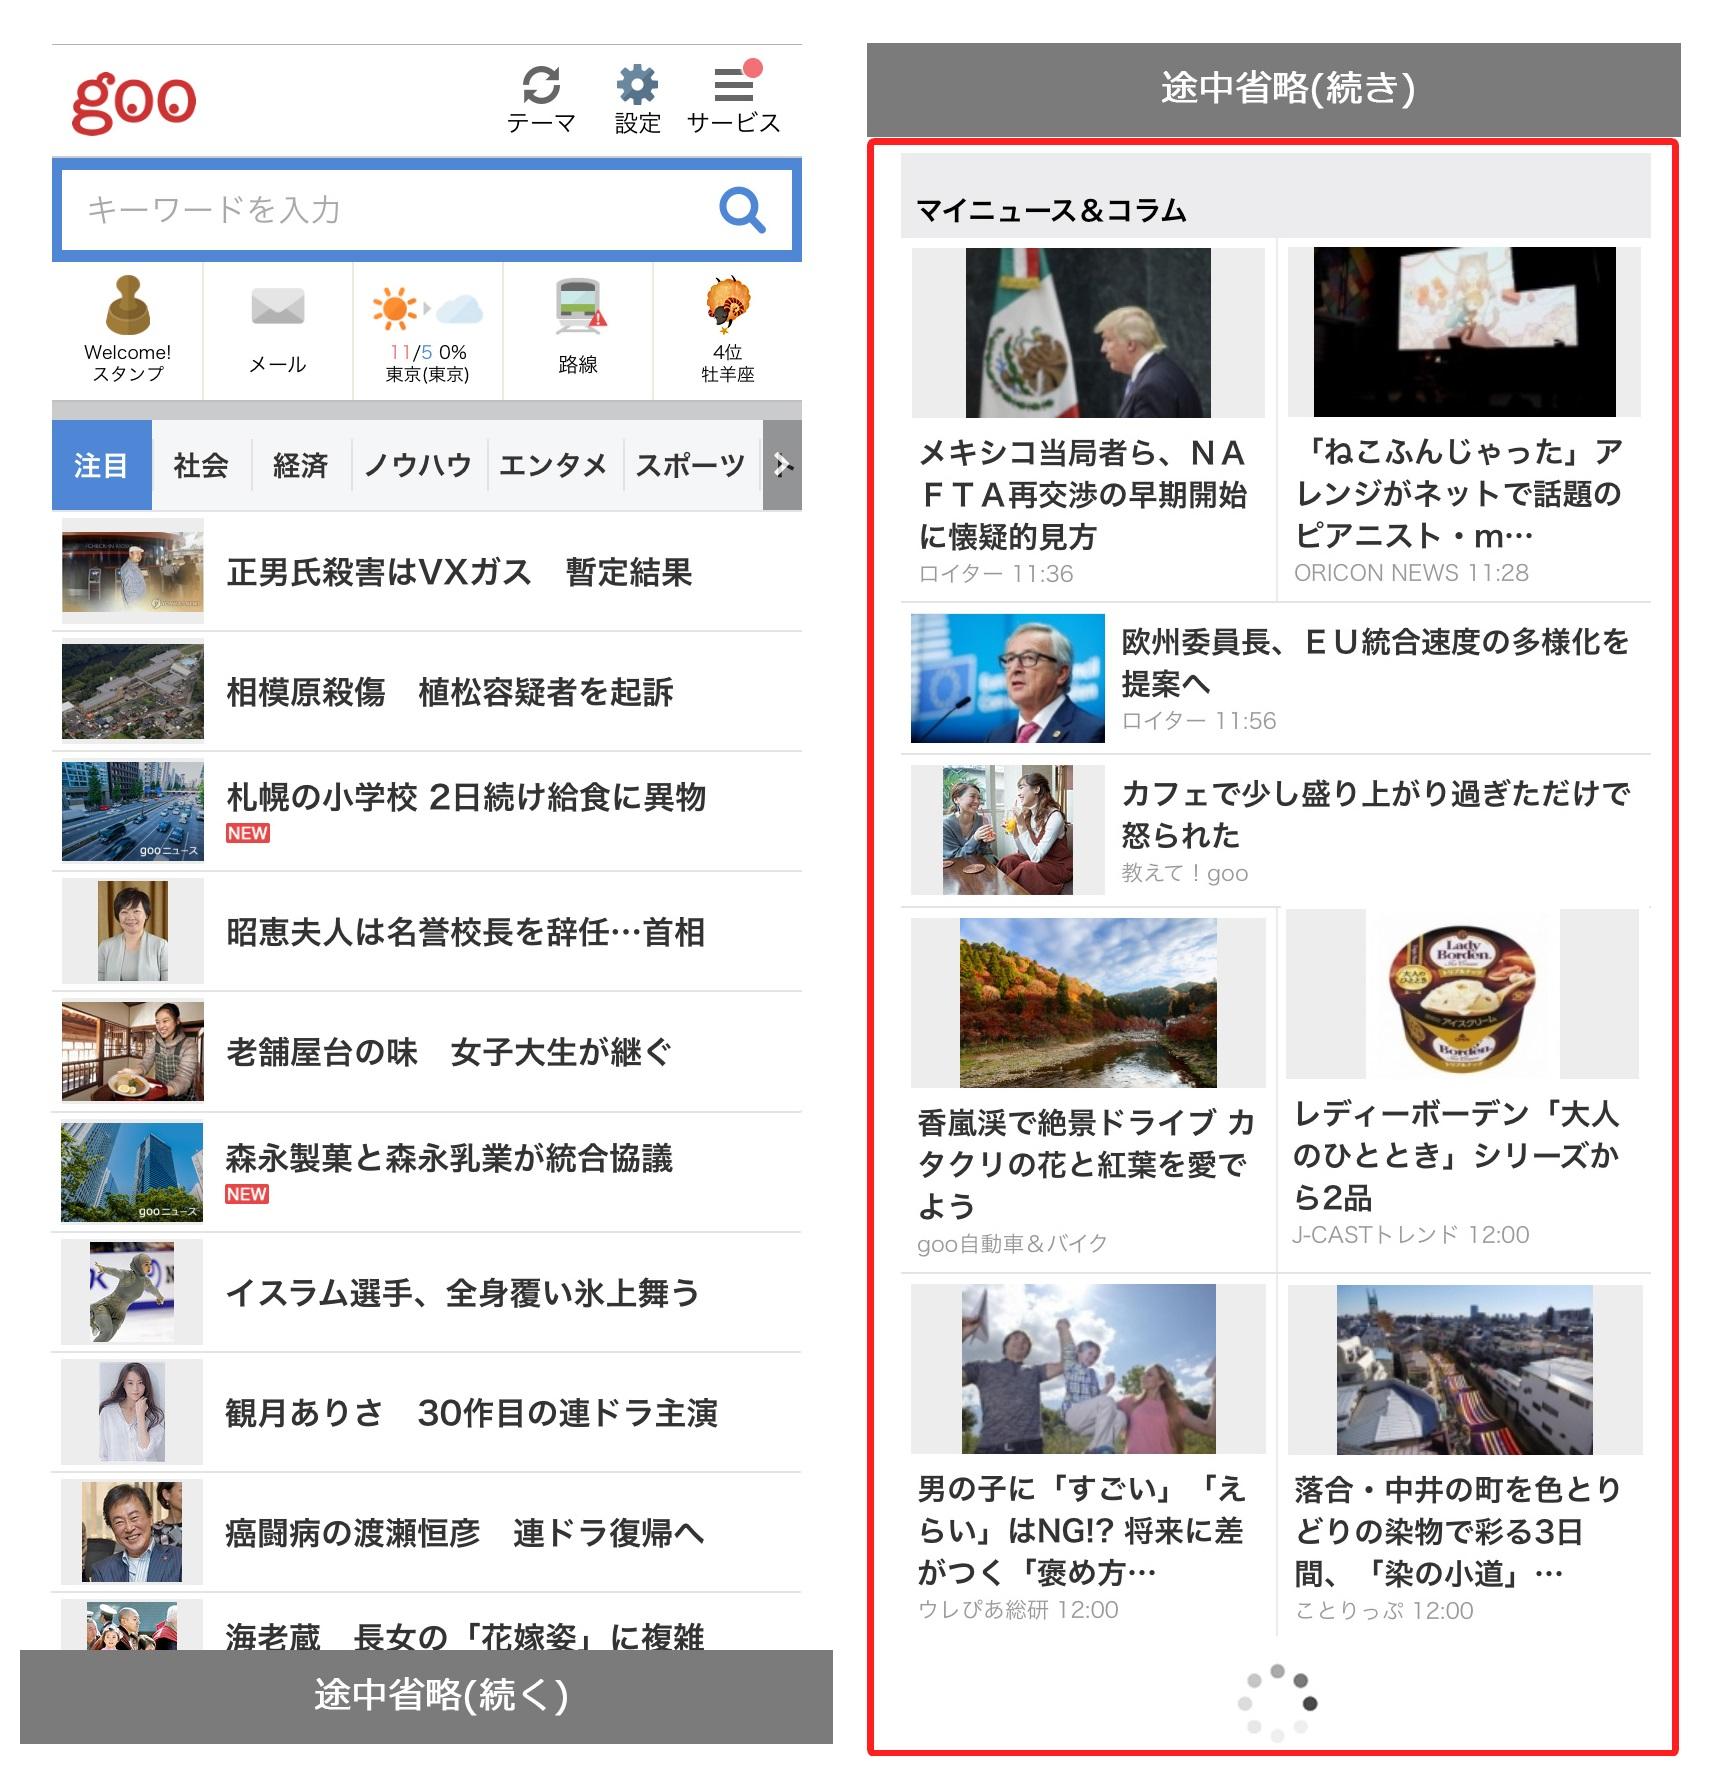 リニューアル後のスマホ版gooトップページ